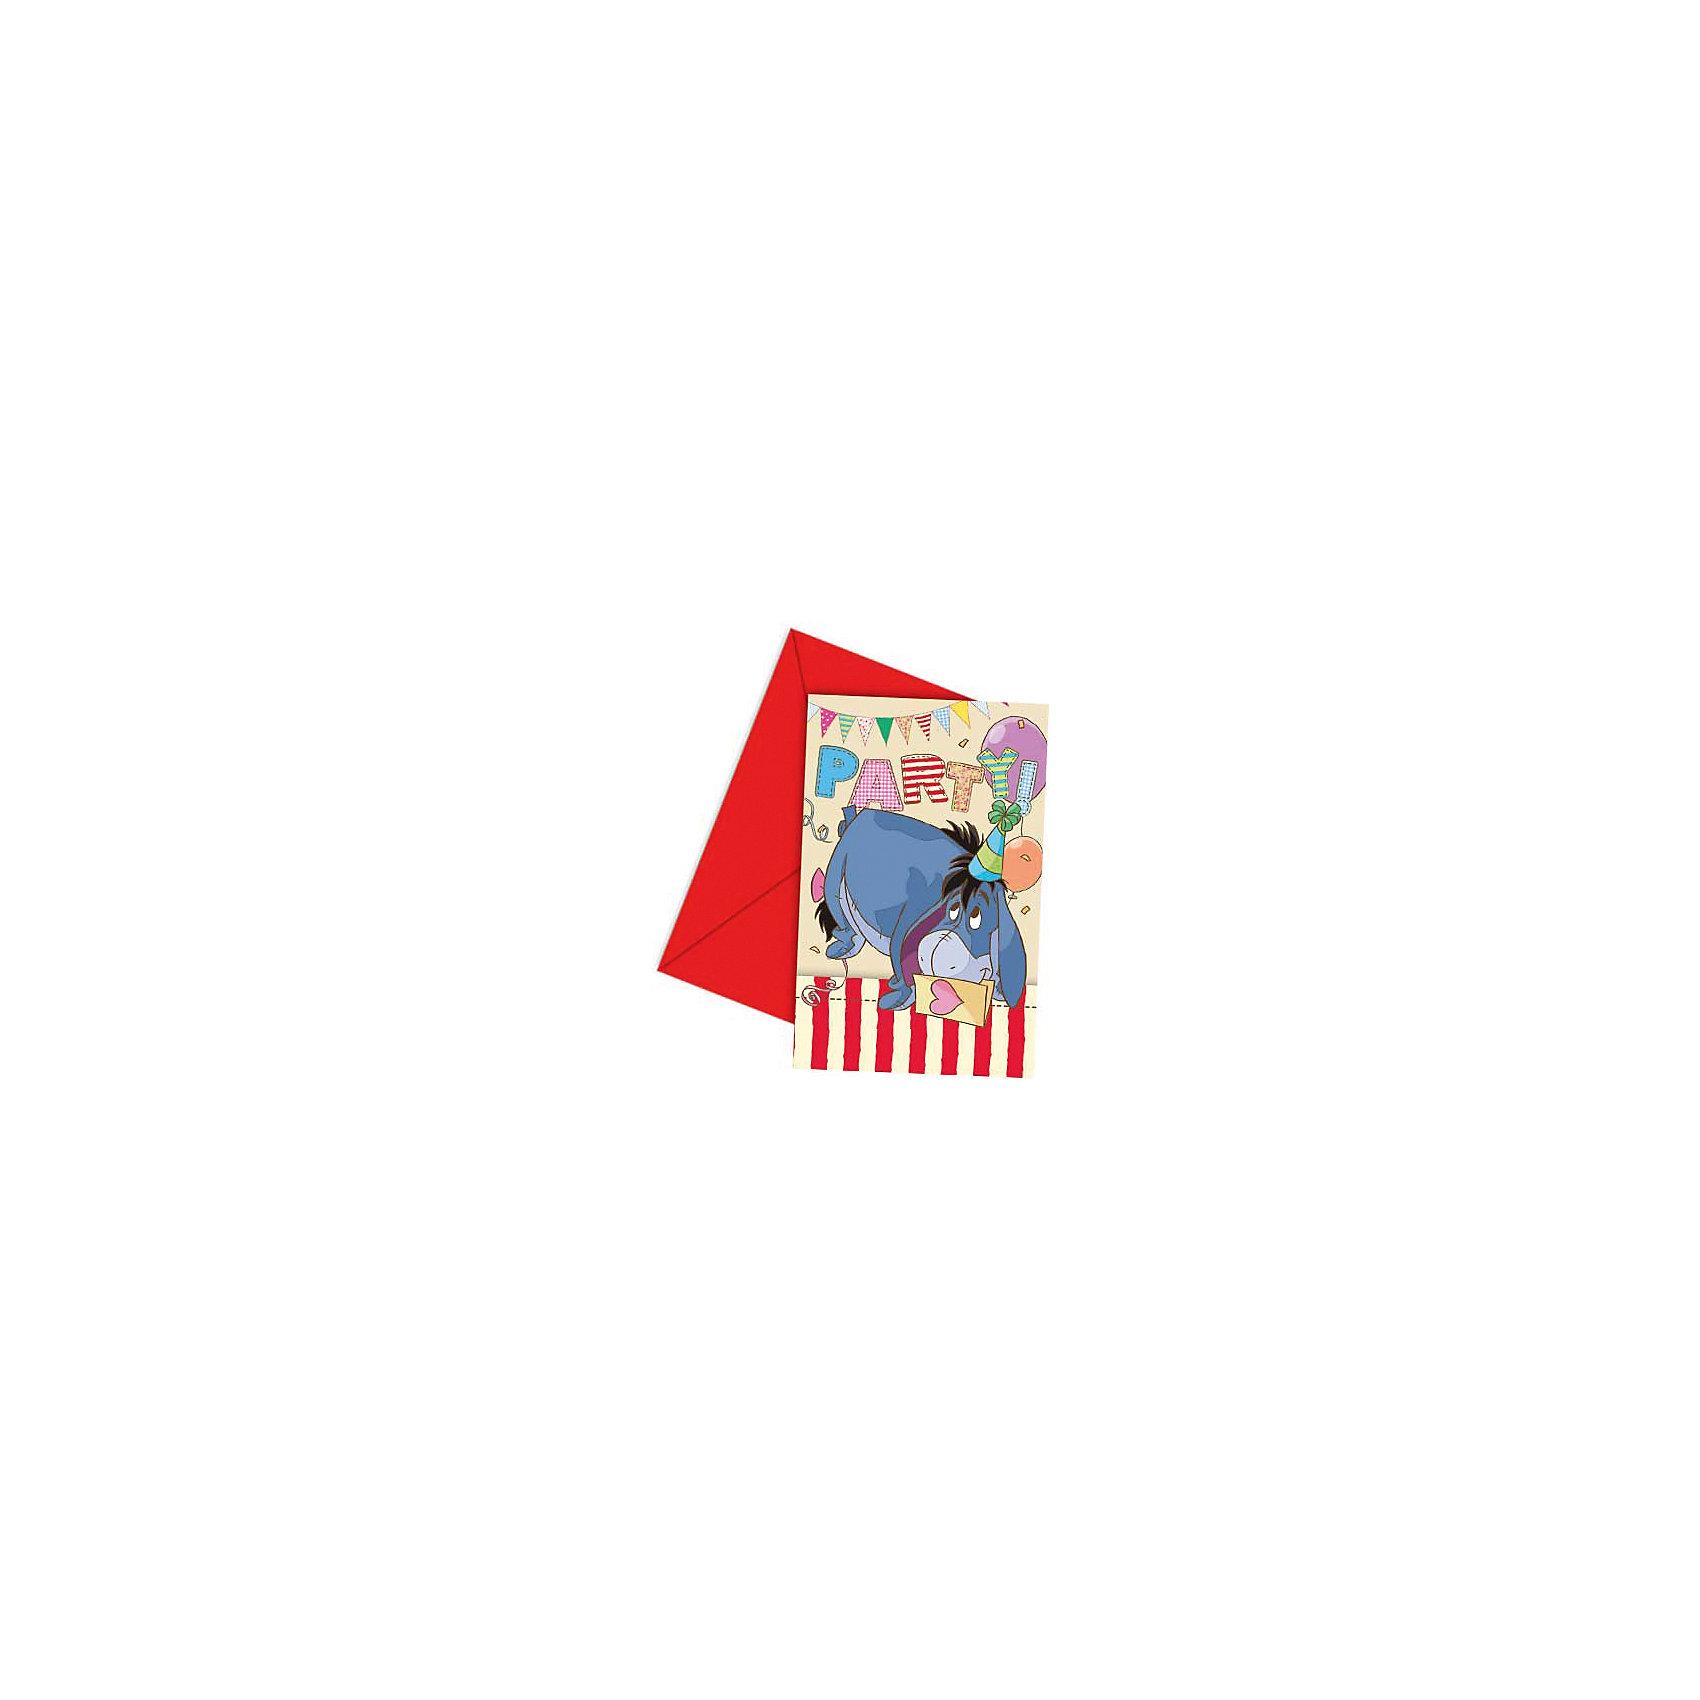 Приглашения в конвертах Алфавит Винни, 6 штDisney Винни Пух<br>Красочные приглашения с изображениями Ослика Иа-Иа из мультфильма про Винни Пуха и его друзей удивят и порадуют гостей ярким оригинальным исполнением.<br><br>Дополнительная информация:<br><br>- Материал: картон.<br>- Комплектация: 6 приглашений в конвертах.<br>- Размер приглашения: 14х9 см.<br><br>Приглашения в конвертах Алфавит Винни, 6 шт, можно купить в нашем магазине.<br><br>Ширина мм: 15<br>Глубина мм: 110<br>Высота мм: 165<br>Вес г: 46<br>Возраст от месяцев: 24<br>Возраст до месяцев: 84<br>Пол: Унисекс<br>Возраст: Детский<br>SKU: 4168995